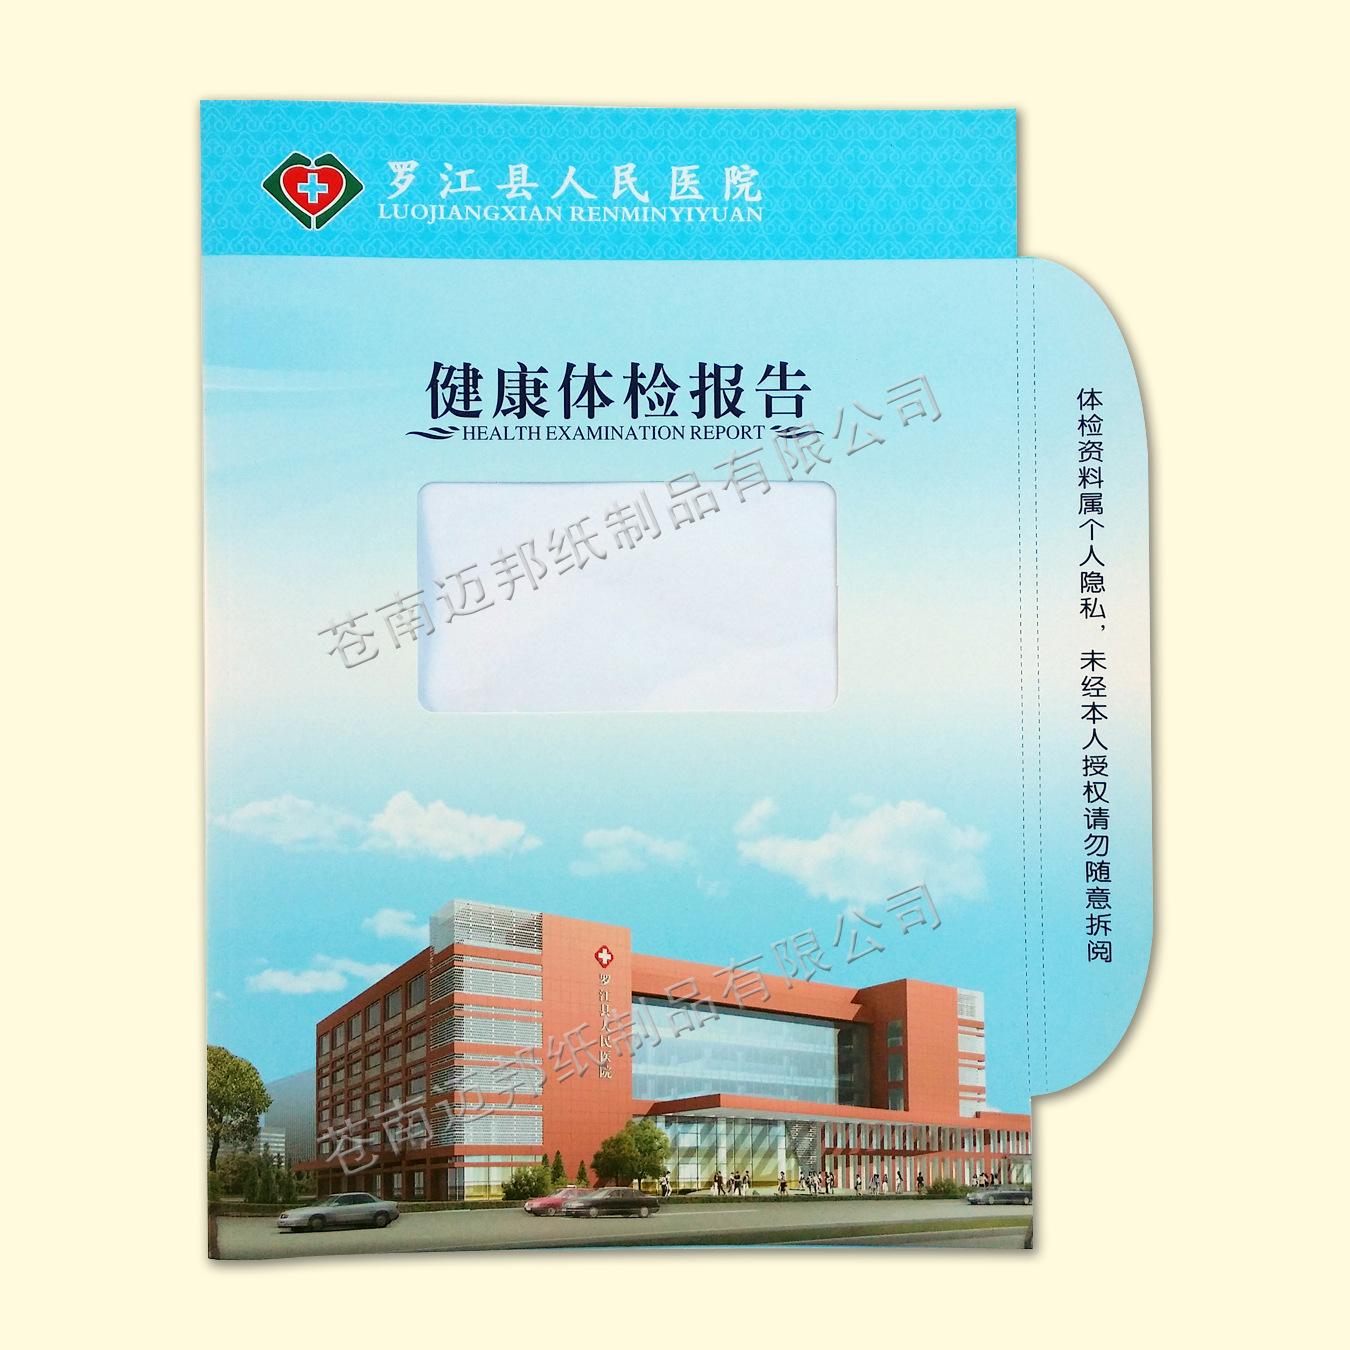 大方美观 品质优良 医院印刷品 医院体检封套印刷 迈邦制作